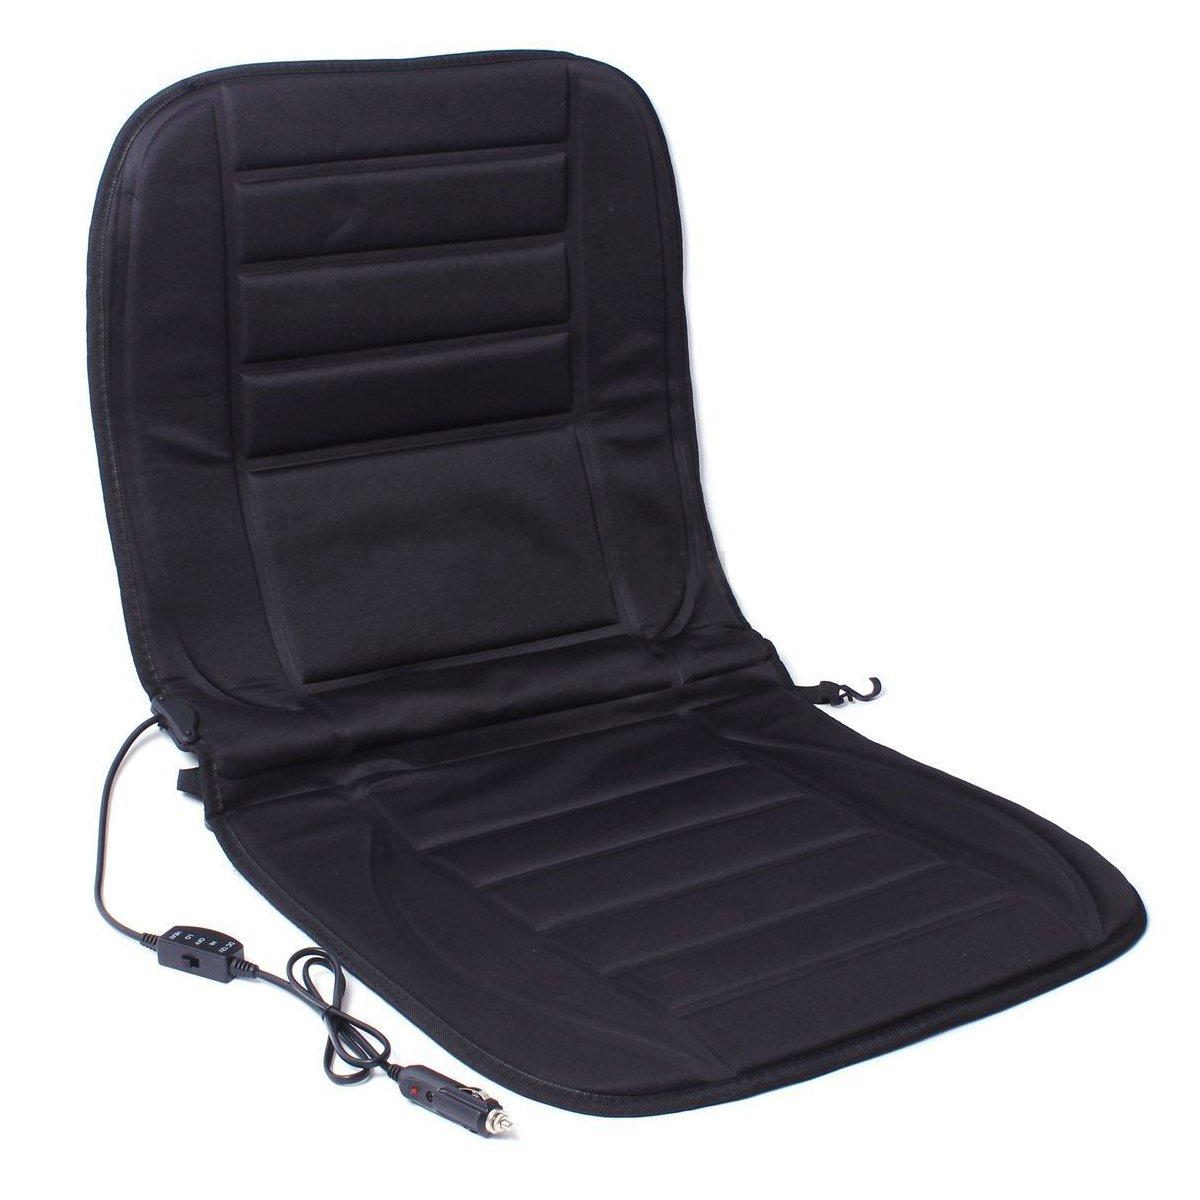 Coussin chauffant de voiture - SODIAL(R) 12V Siege avant de voiture tampon Coussin chauffant Coussin chaud Noir